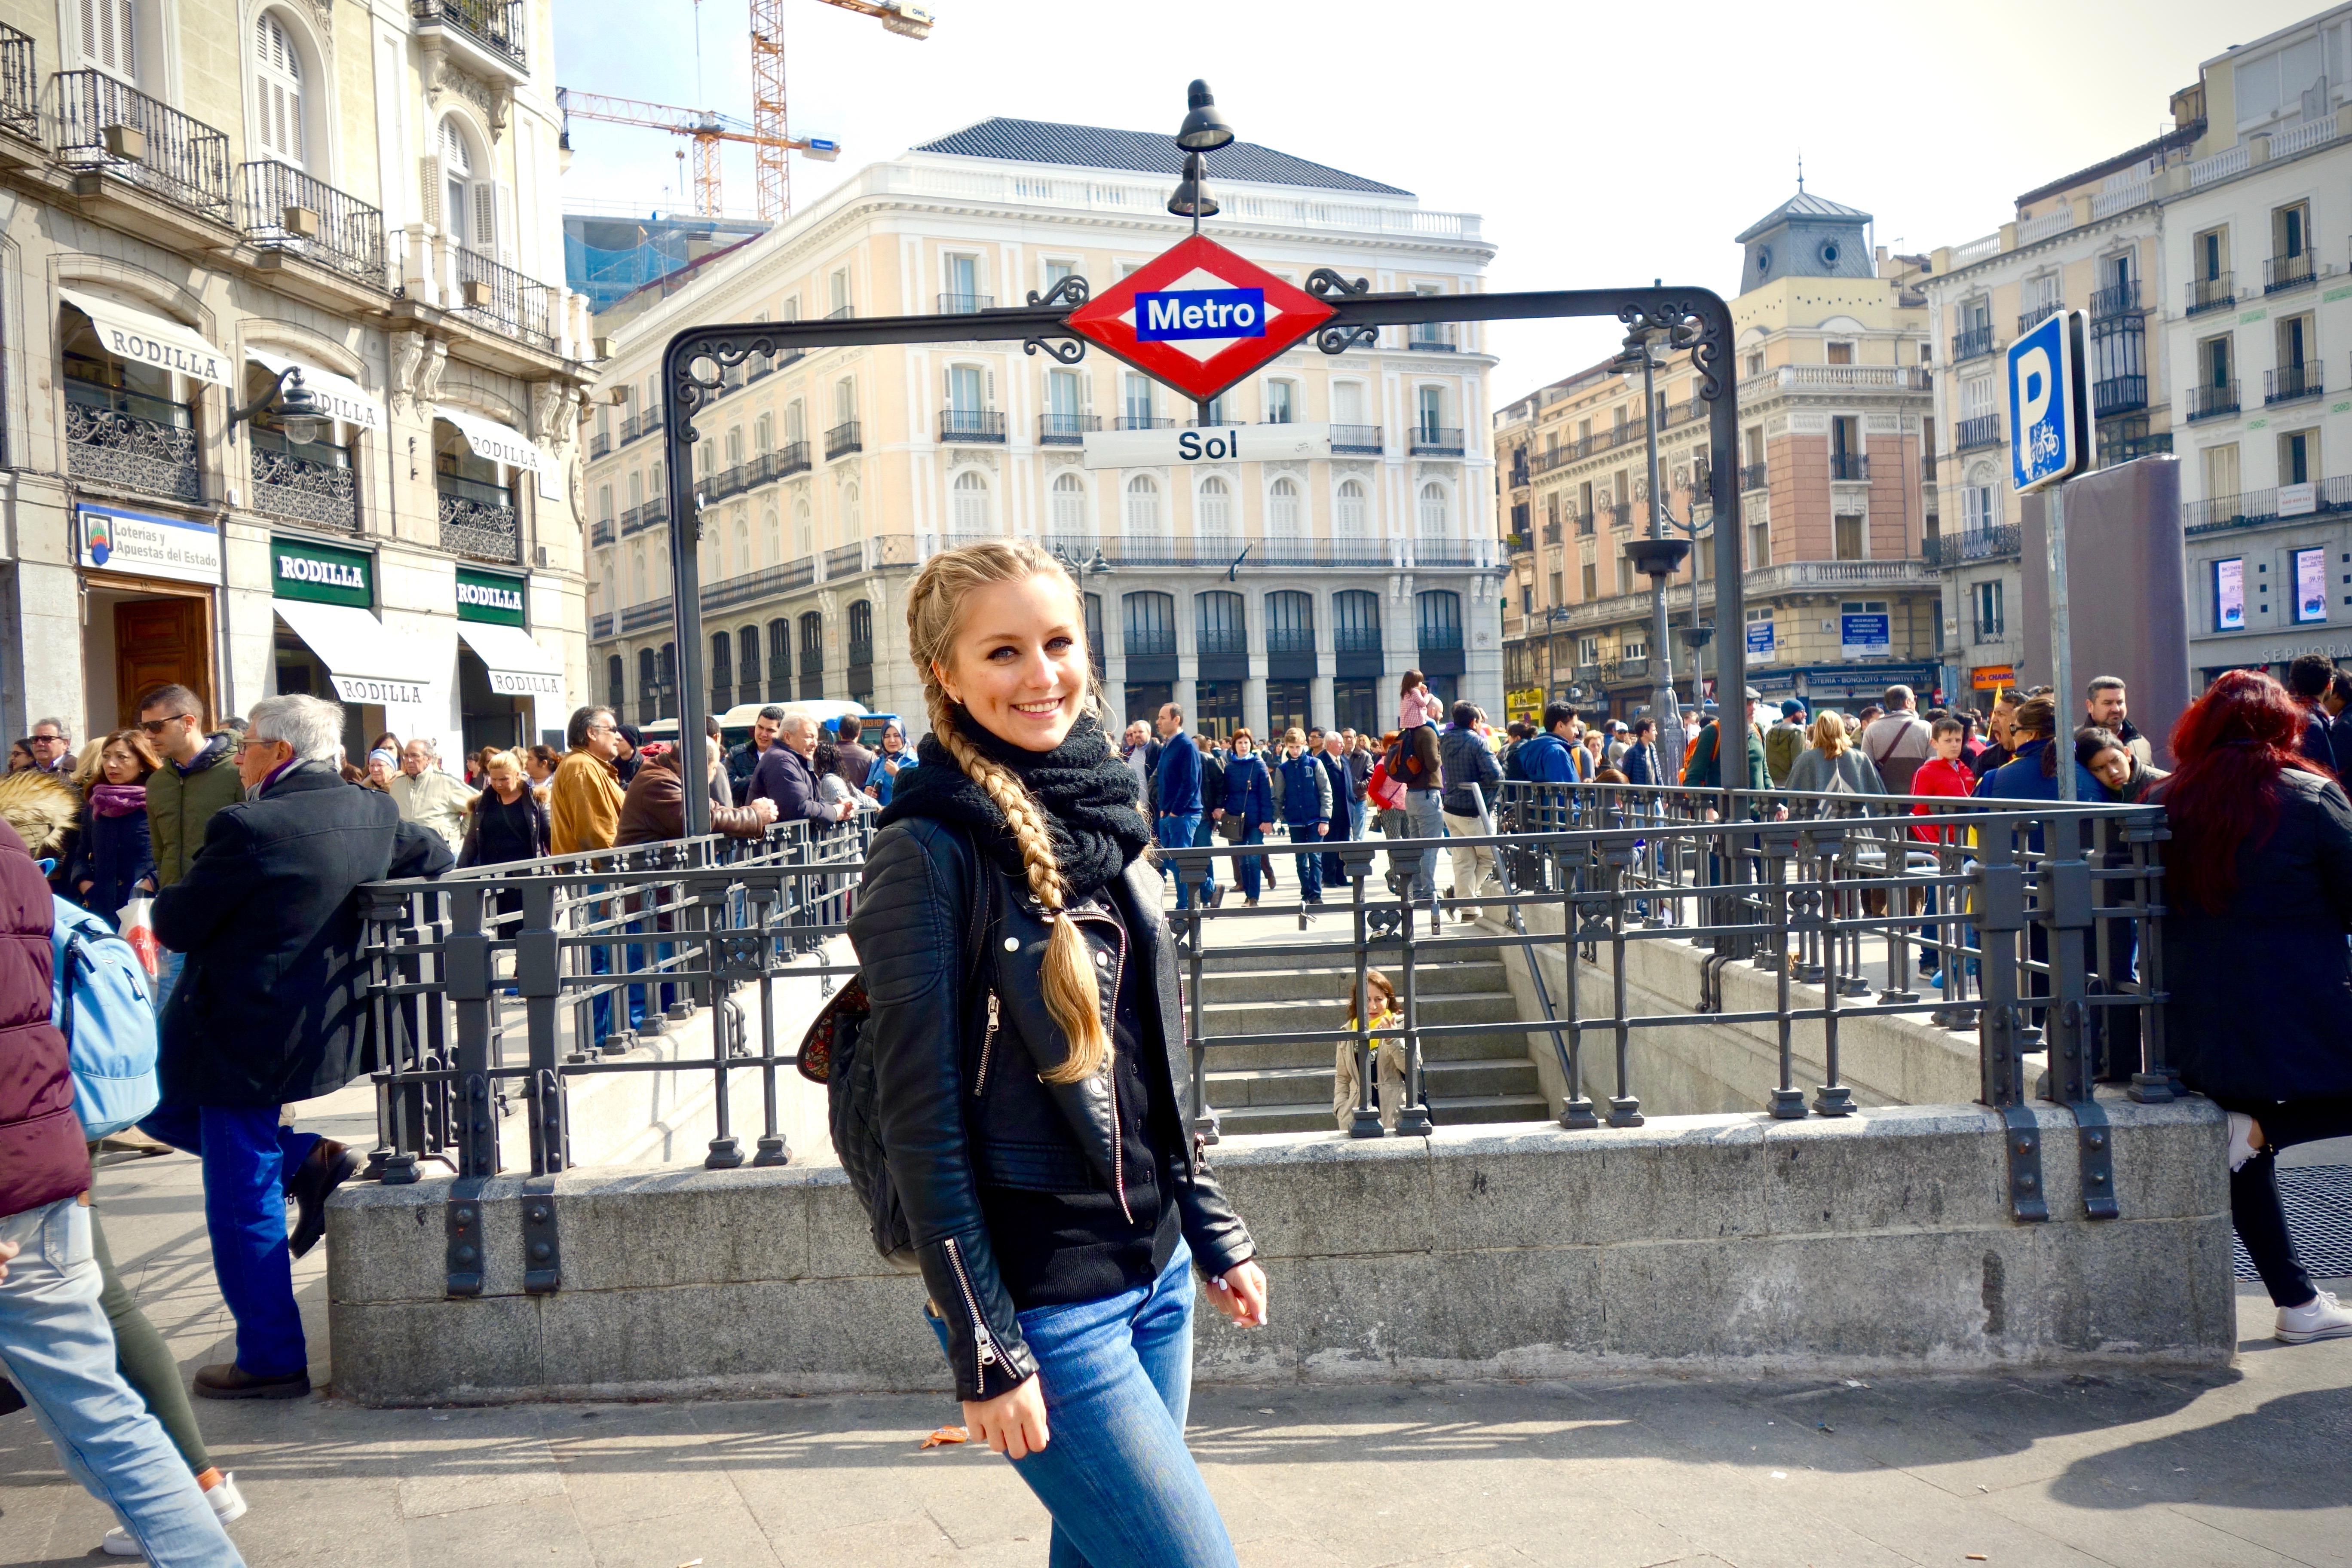 Madrid: Sol, Metrostation (der Platz ist einer der bekanntesten und meistbesuchten Plätze Madrids)